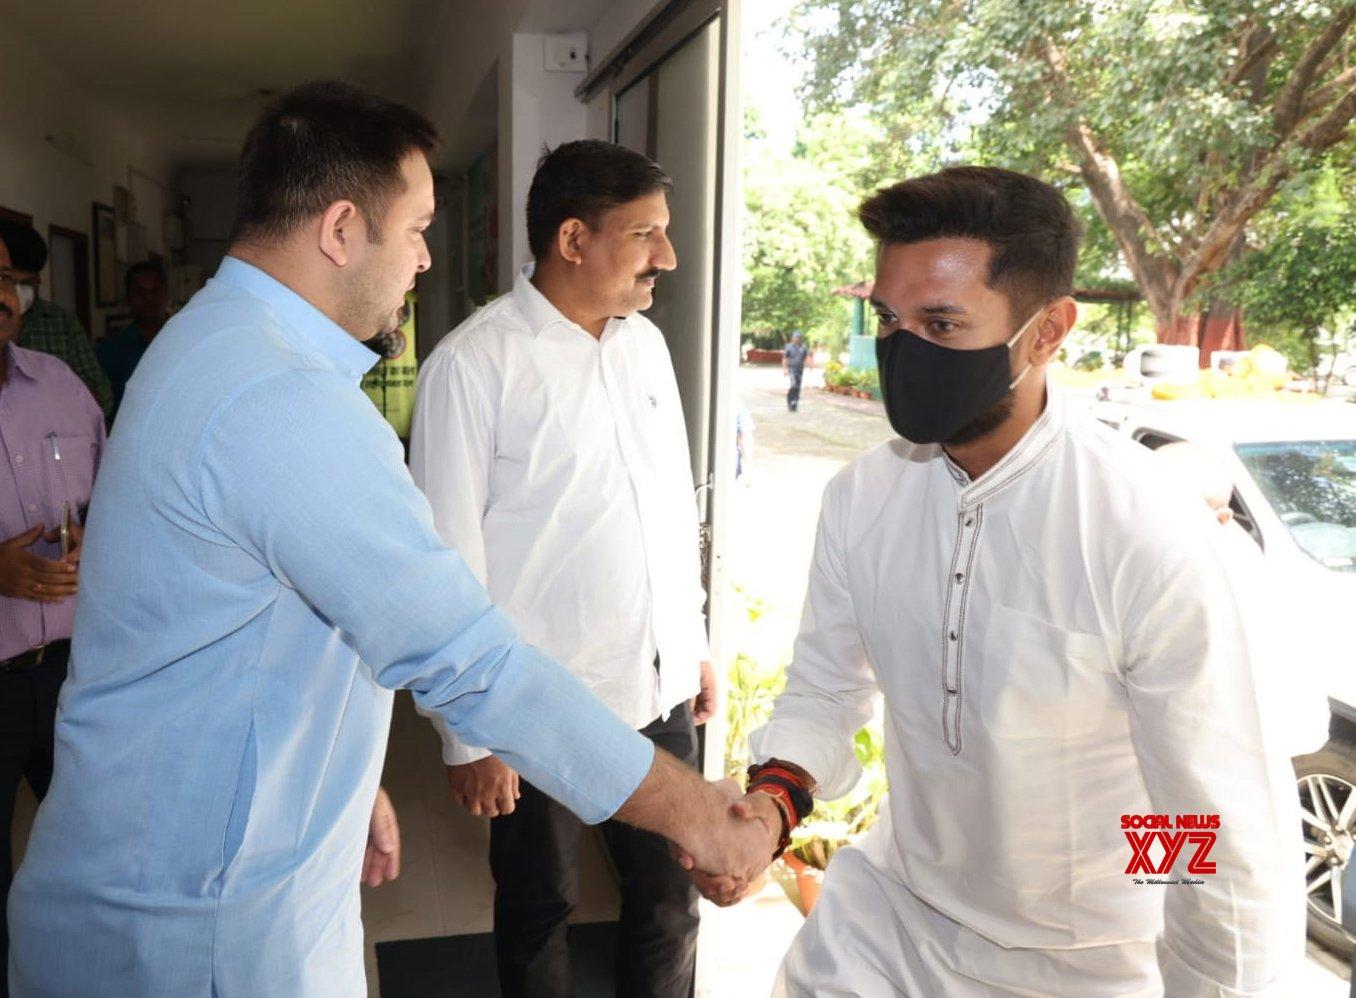 Patna: Lok Janshakti Party MP Chirag Paswan met Rashtriya Janata Dal leader Tejashwi Yadav in Patna. #Gallery